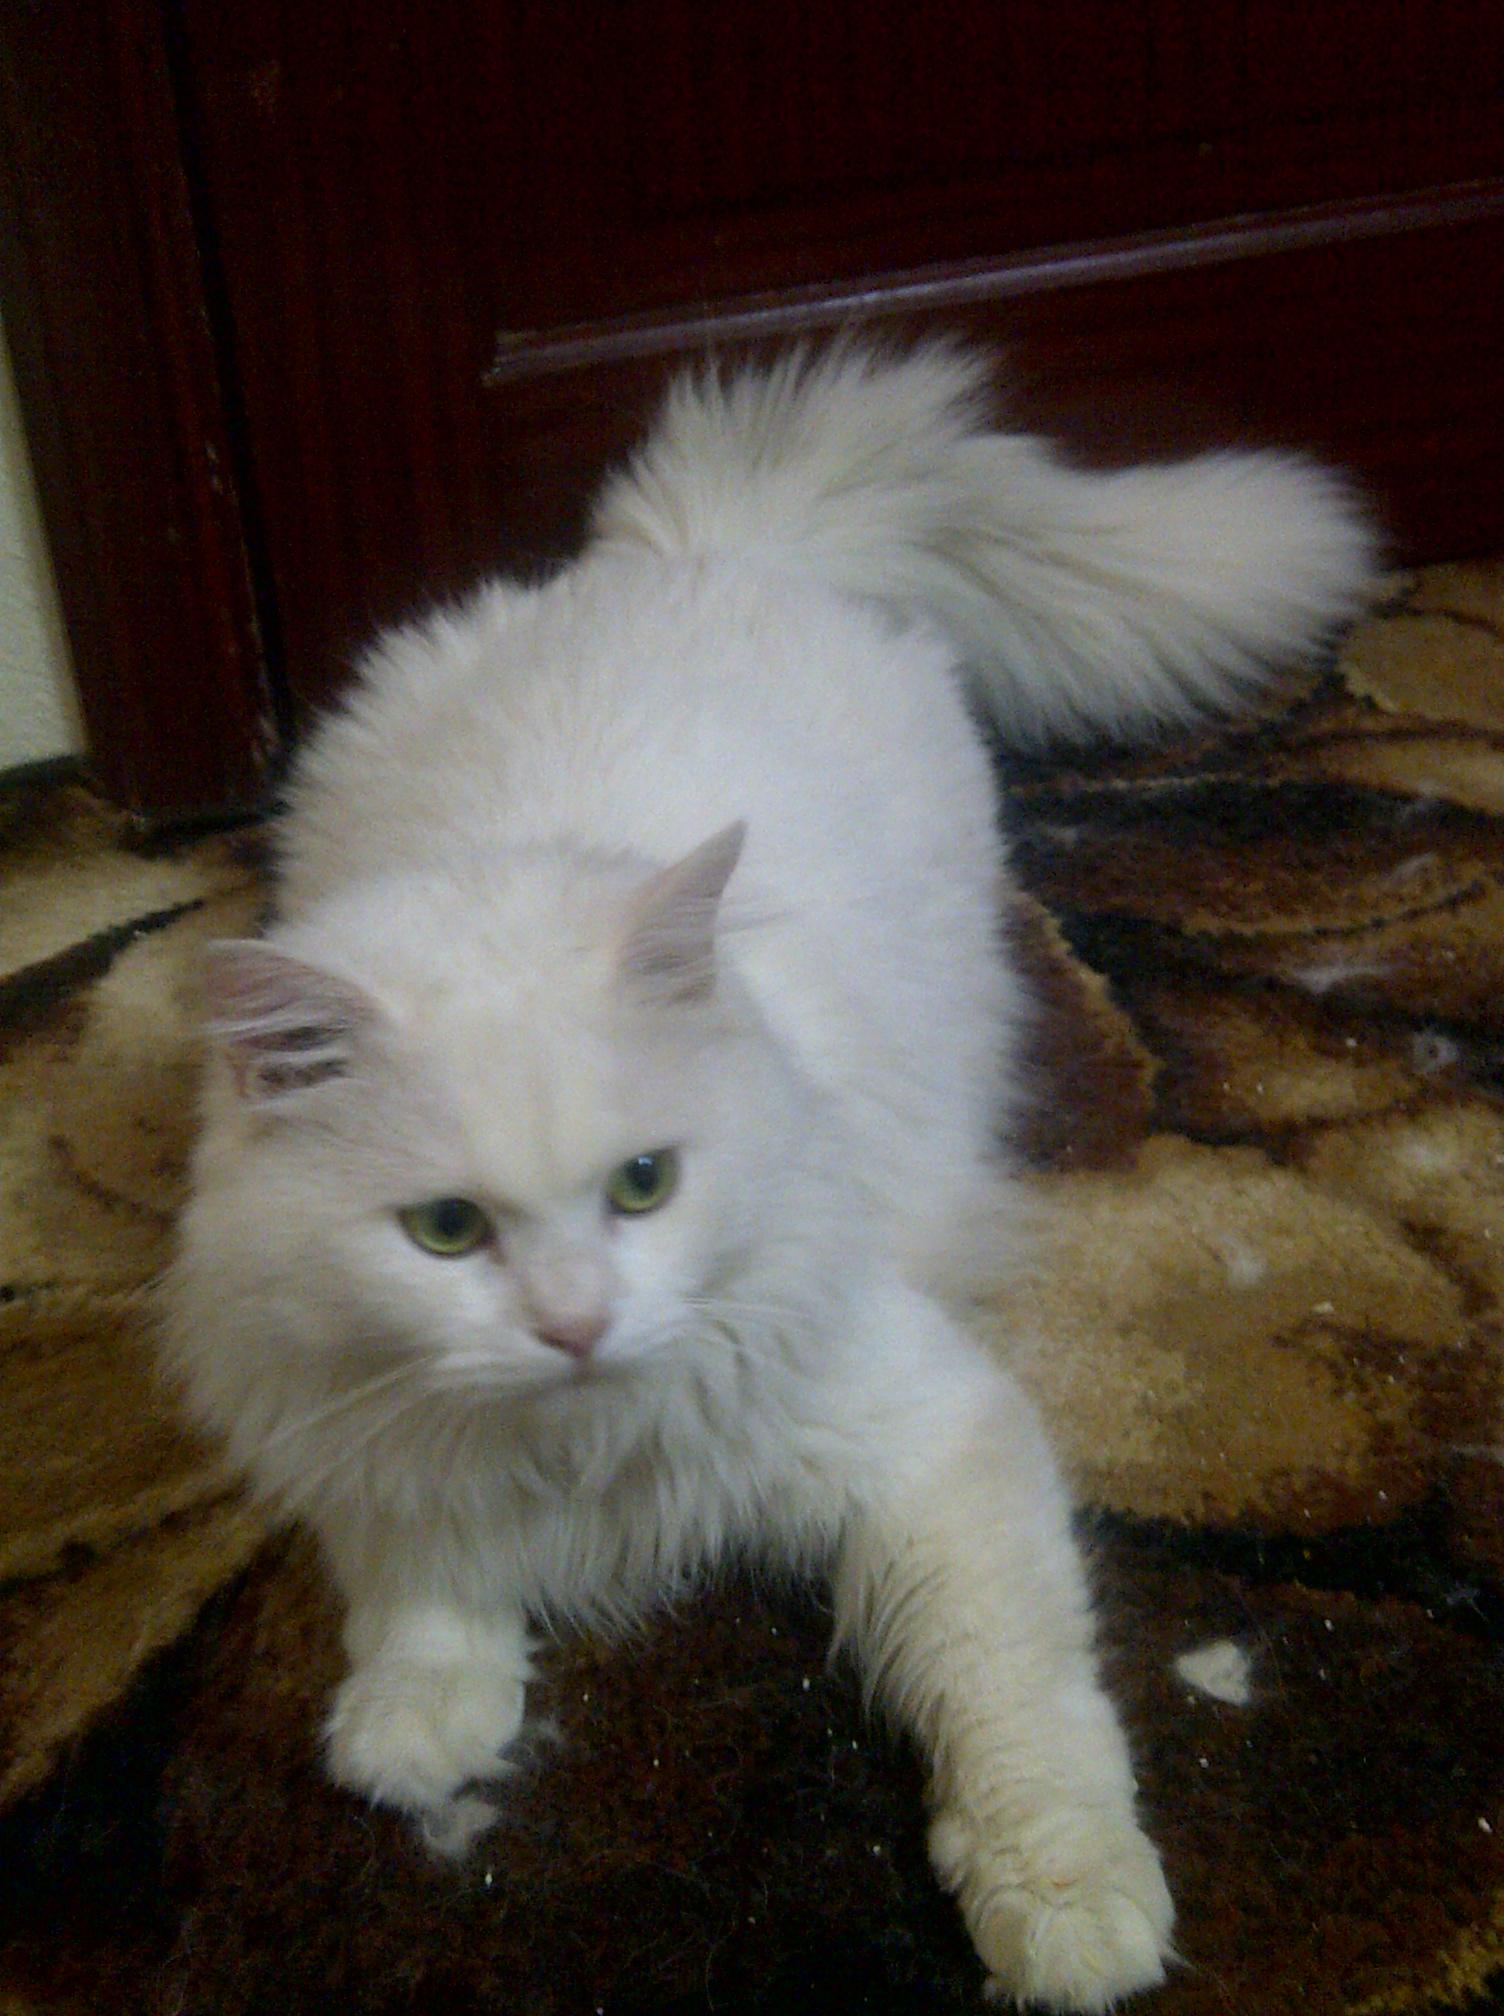 صوره قطط رومي , اجمل اشكال القطط الرومي